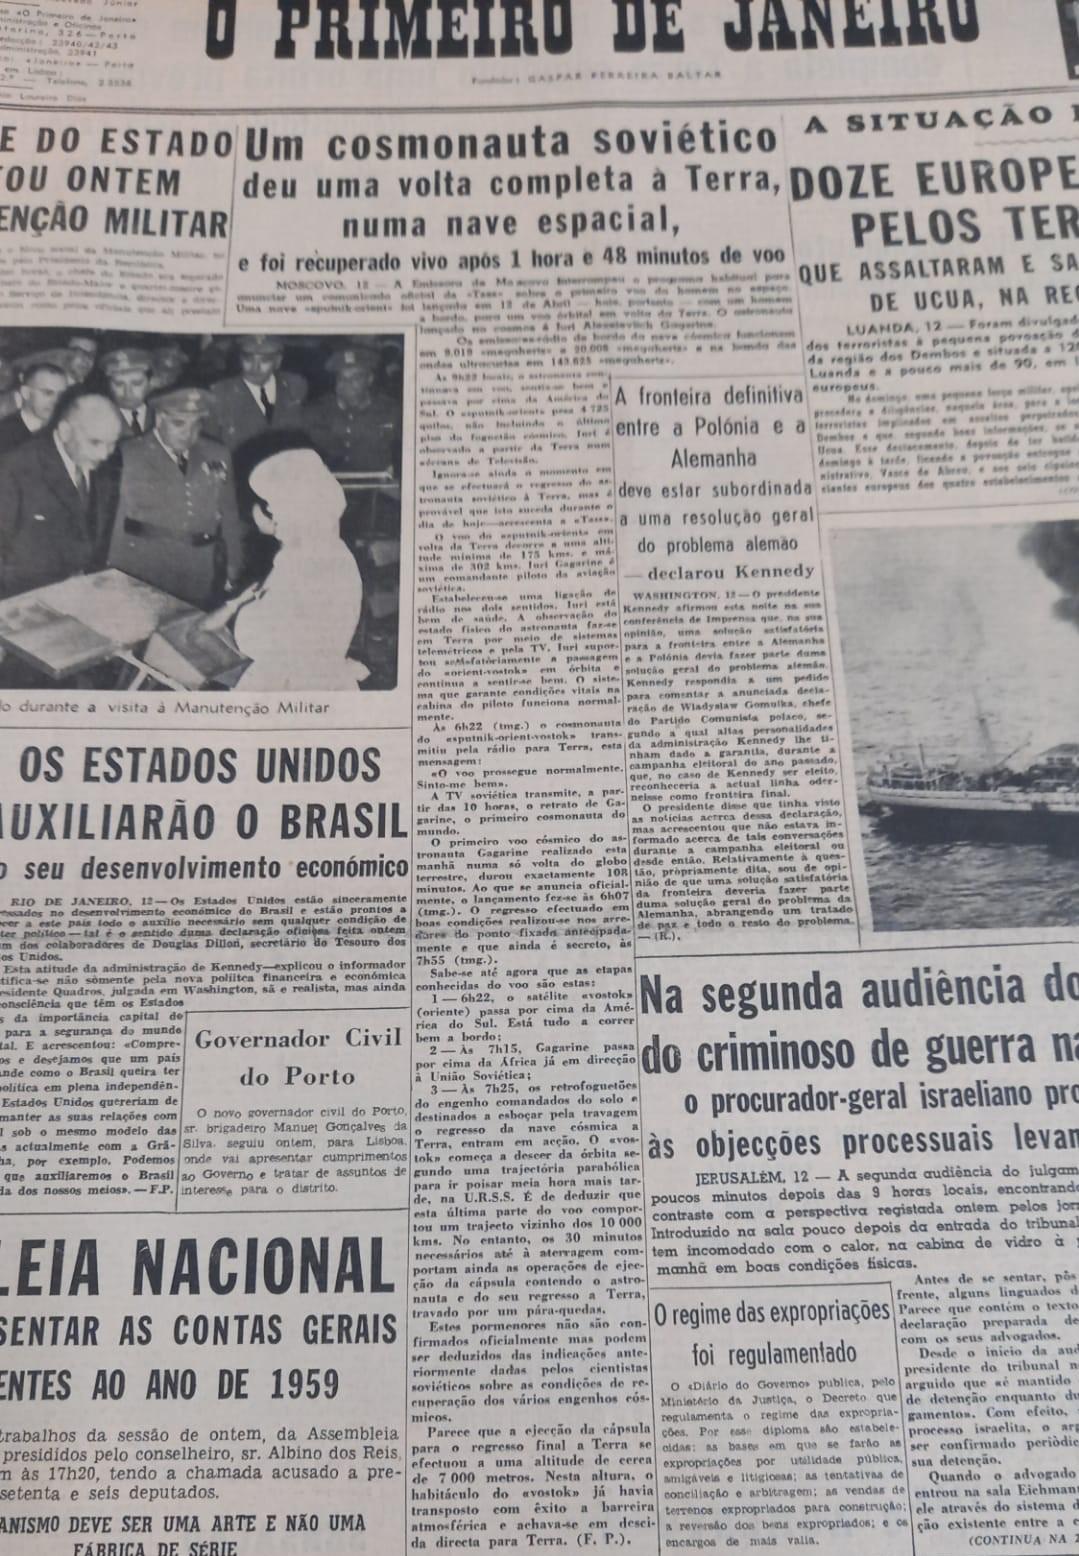 19610413O Primeiro de Janeiro